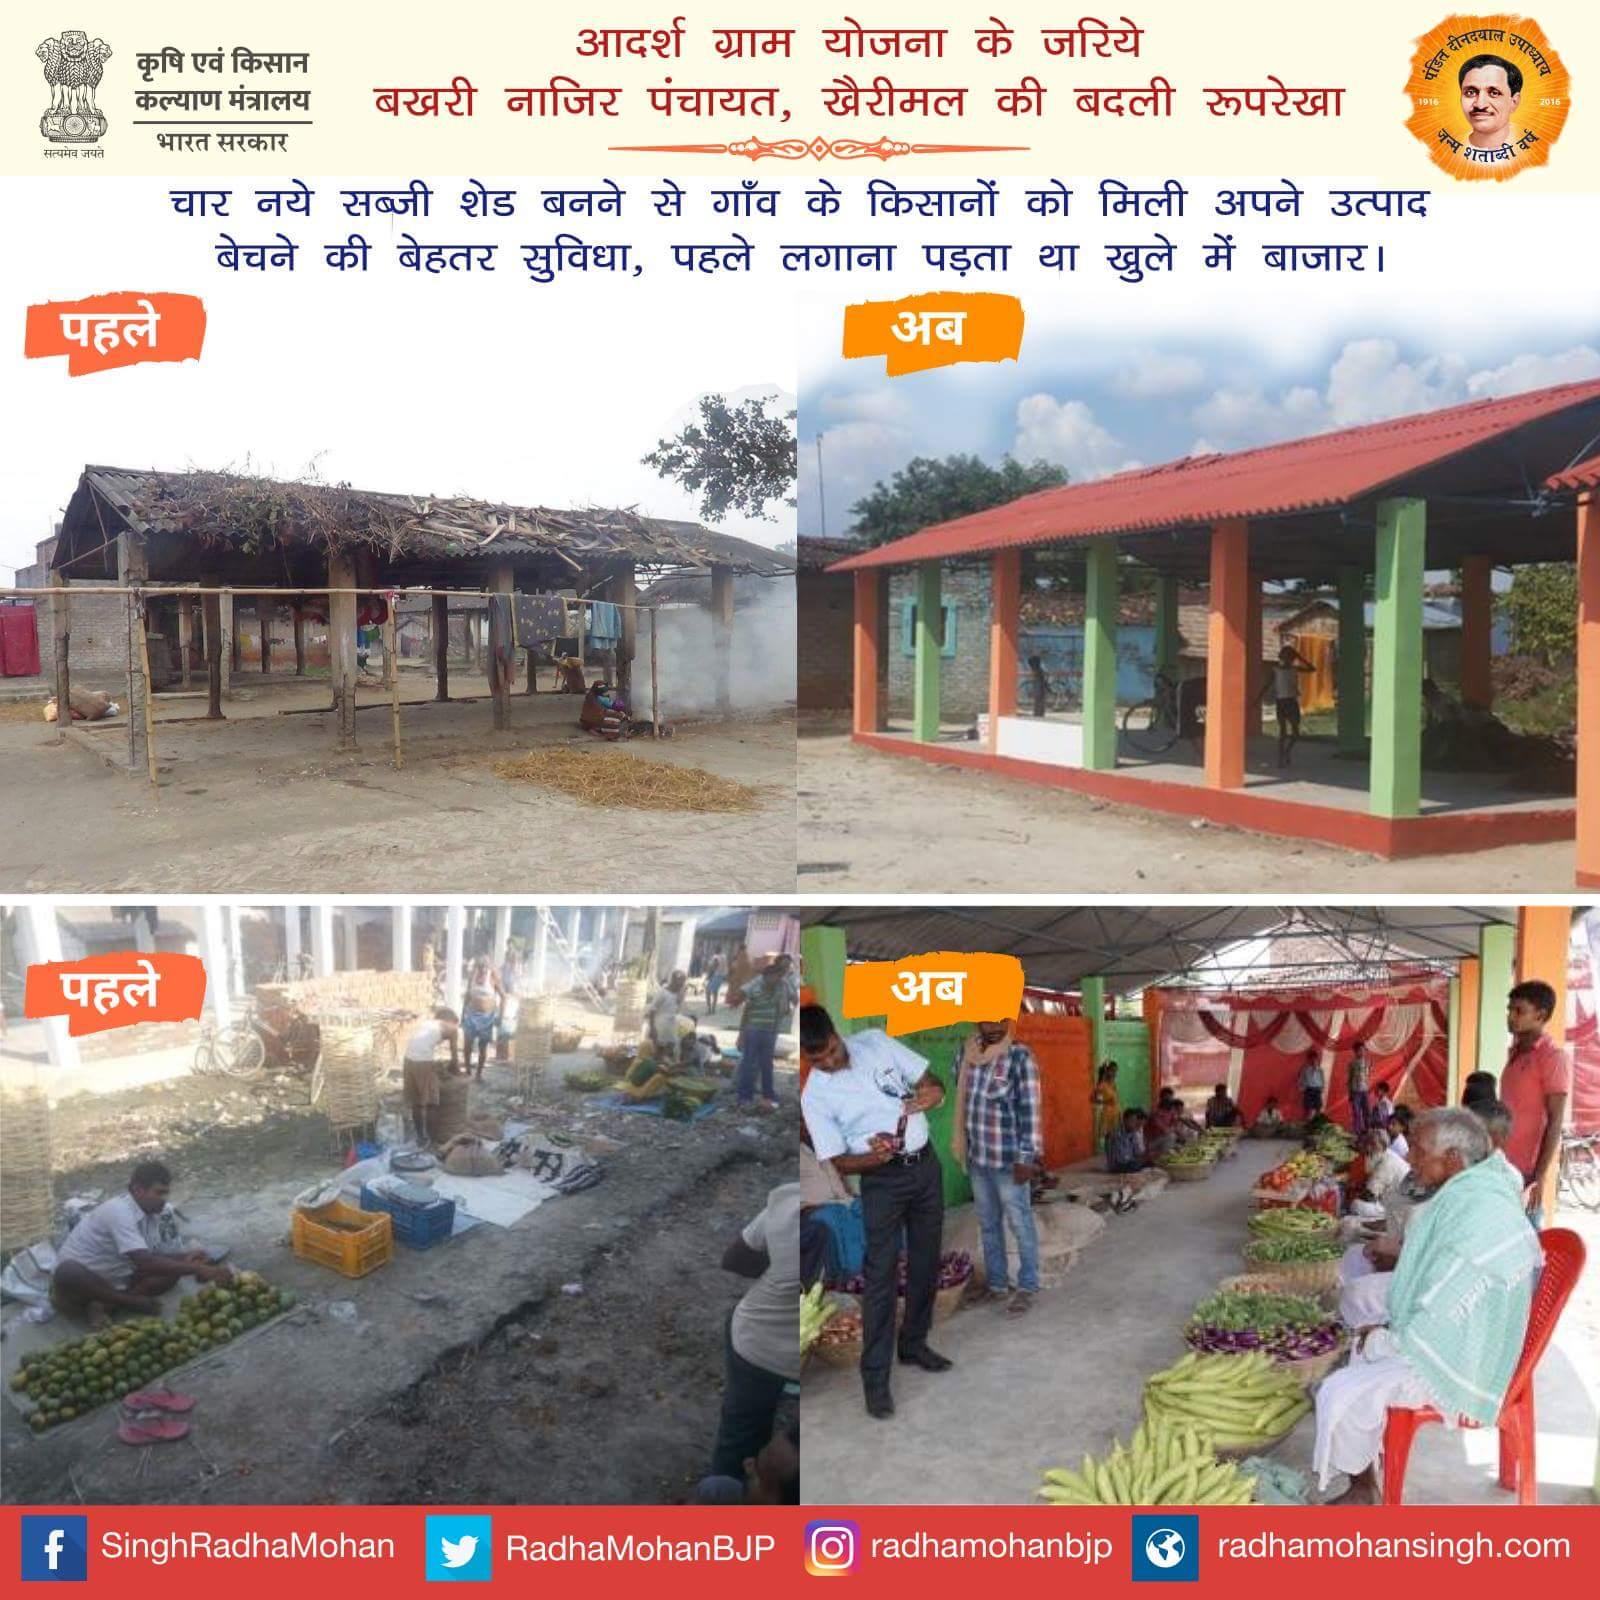 #AadarshGramYojna के अंतर्गत बखरी नाजिर पंचायत में #किसानों को मिली अपने उत्पाद को बेचने की बेहतर सुविधा। #TransformingIndia https://t.co/6fpE3vj78c